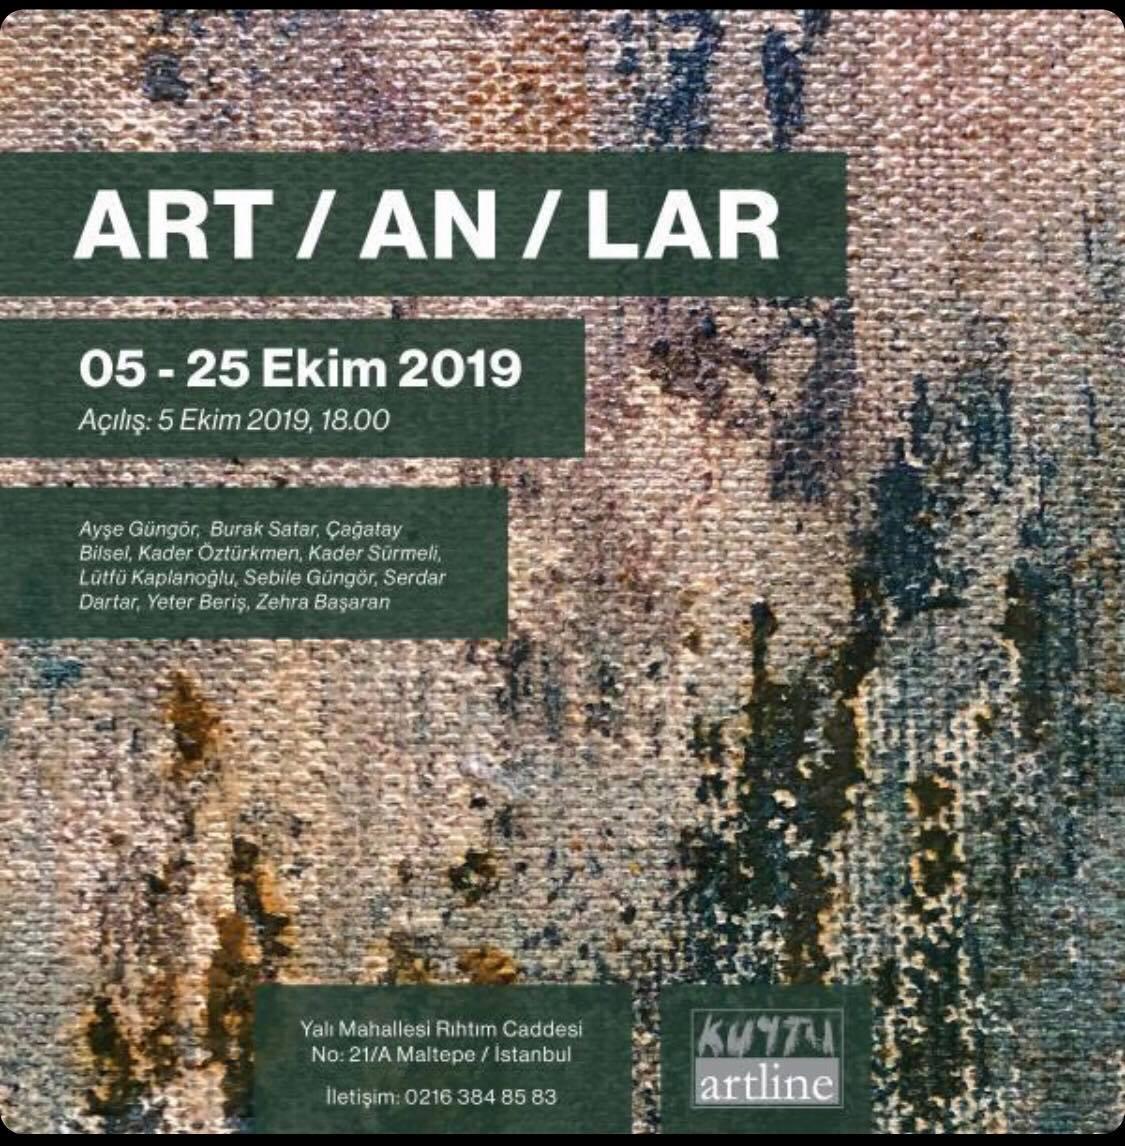 """""""ART/AN/LAR"""" Sergisi 5 Ekim'de Kuytu Artline'da Açılıyor"""